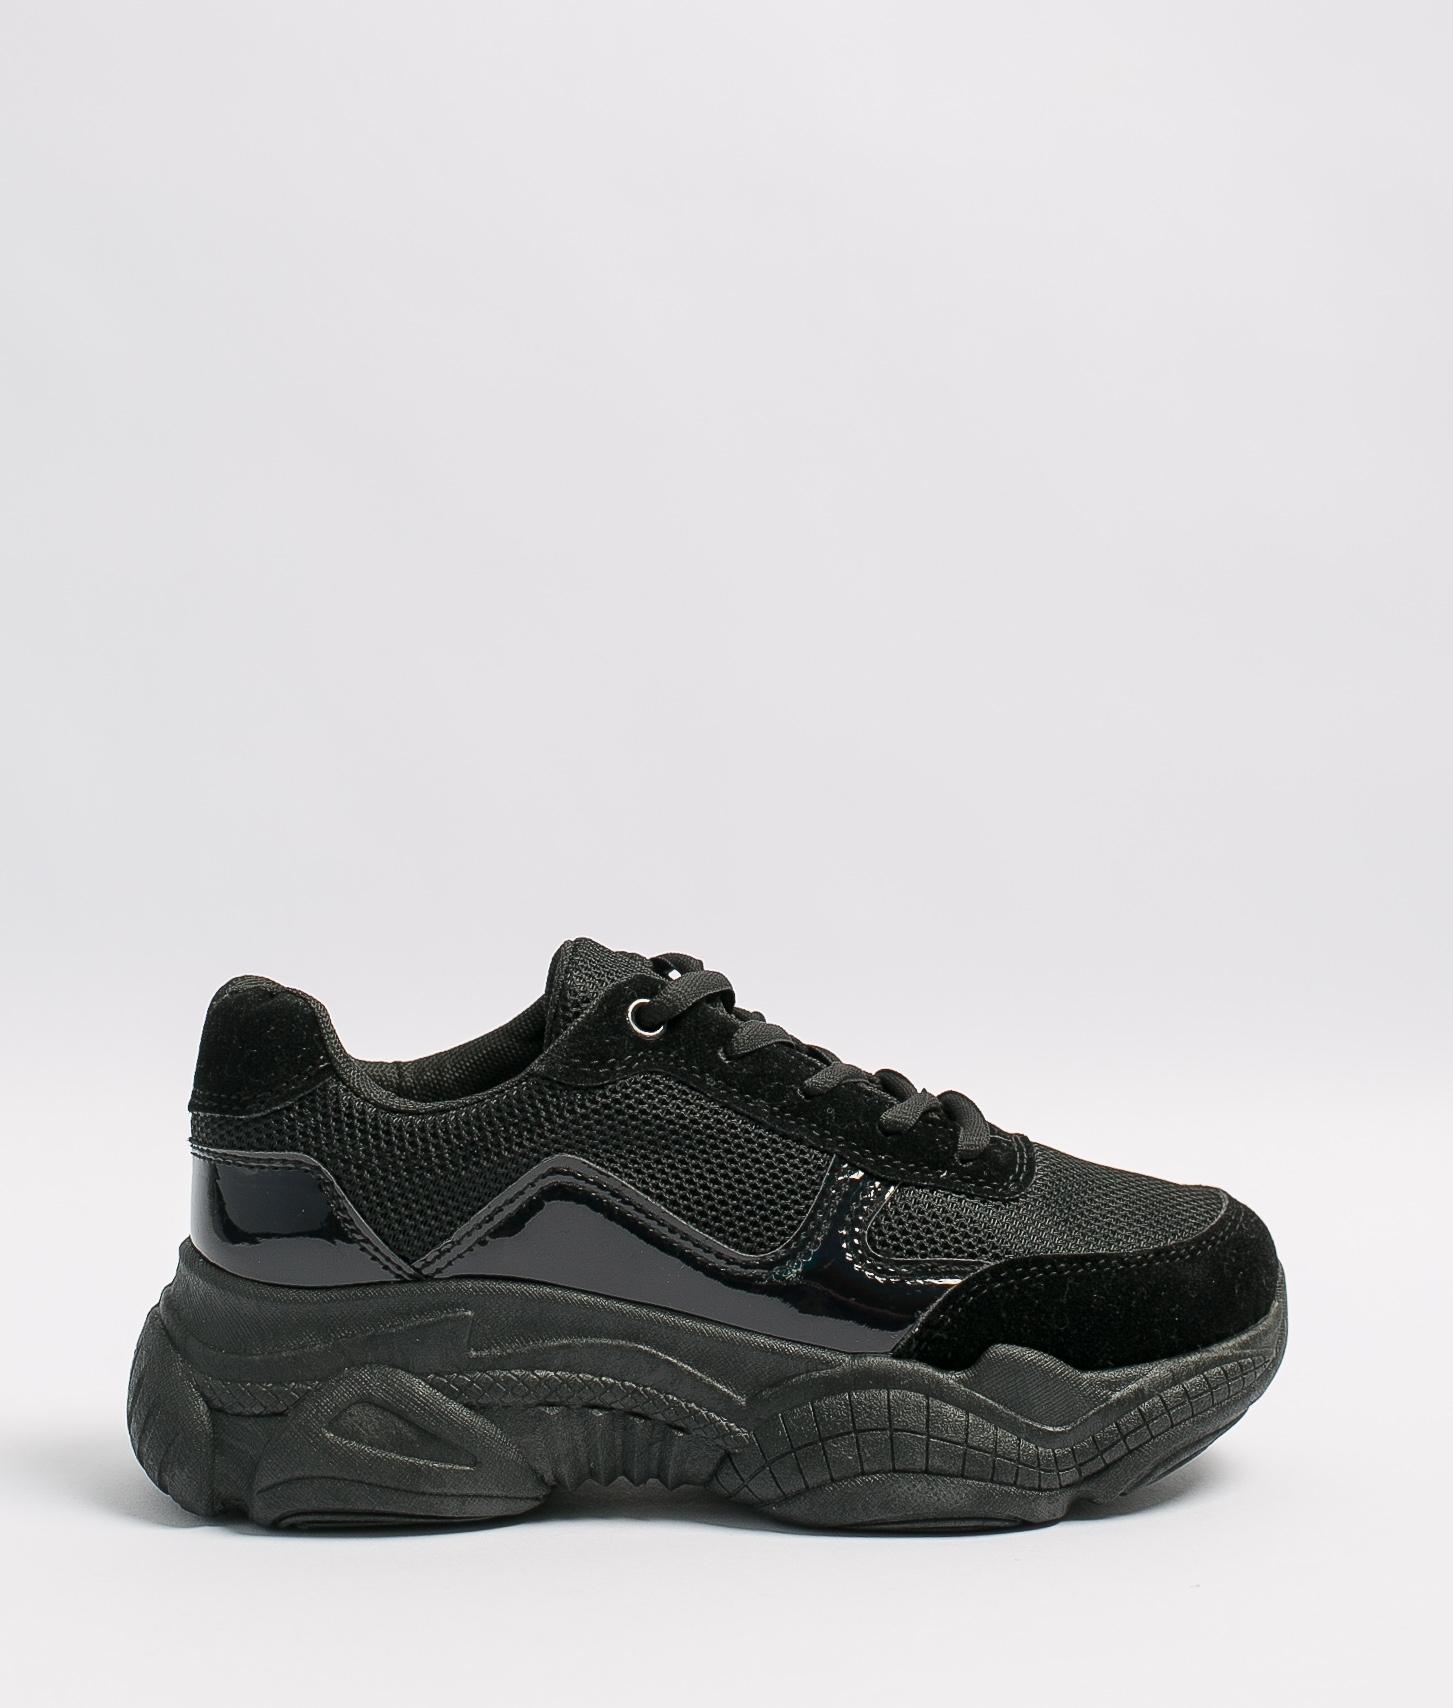 Sneakers Perta - Black